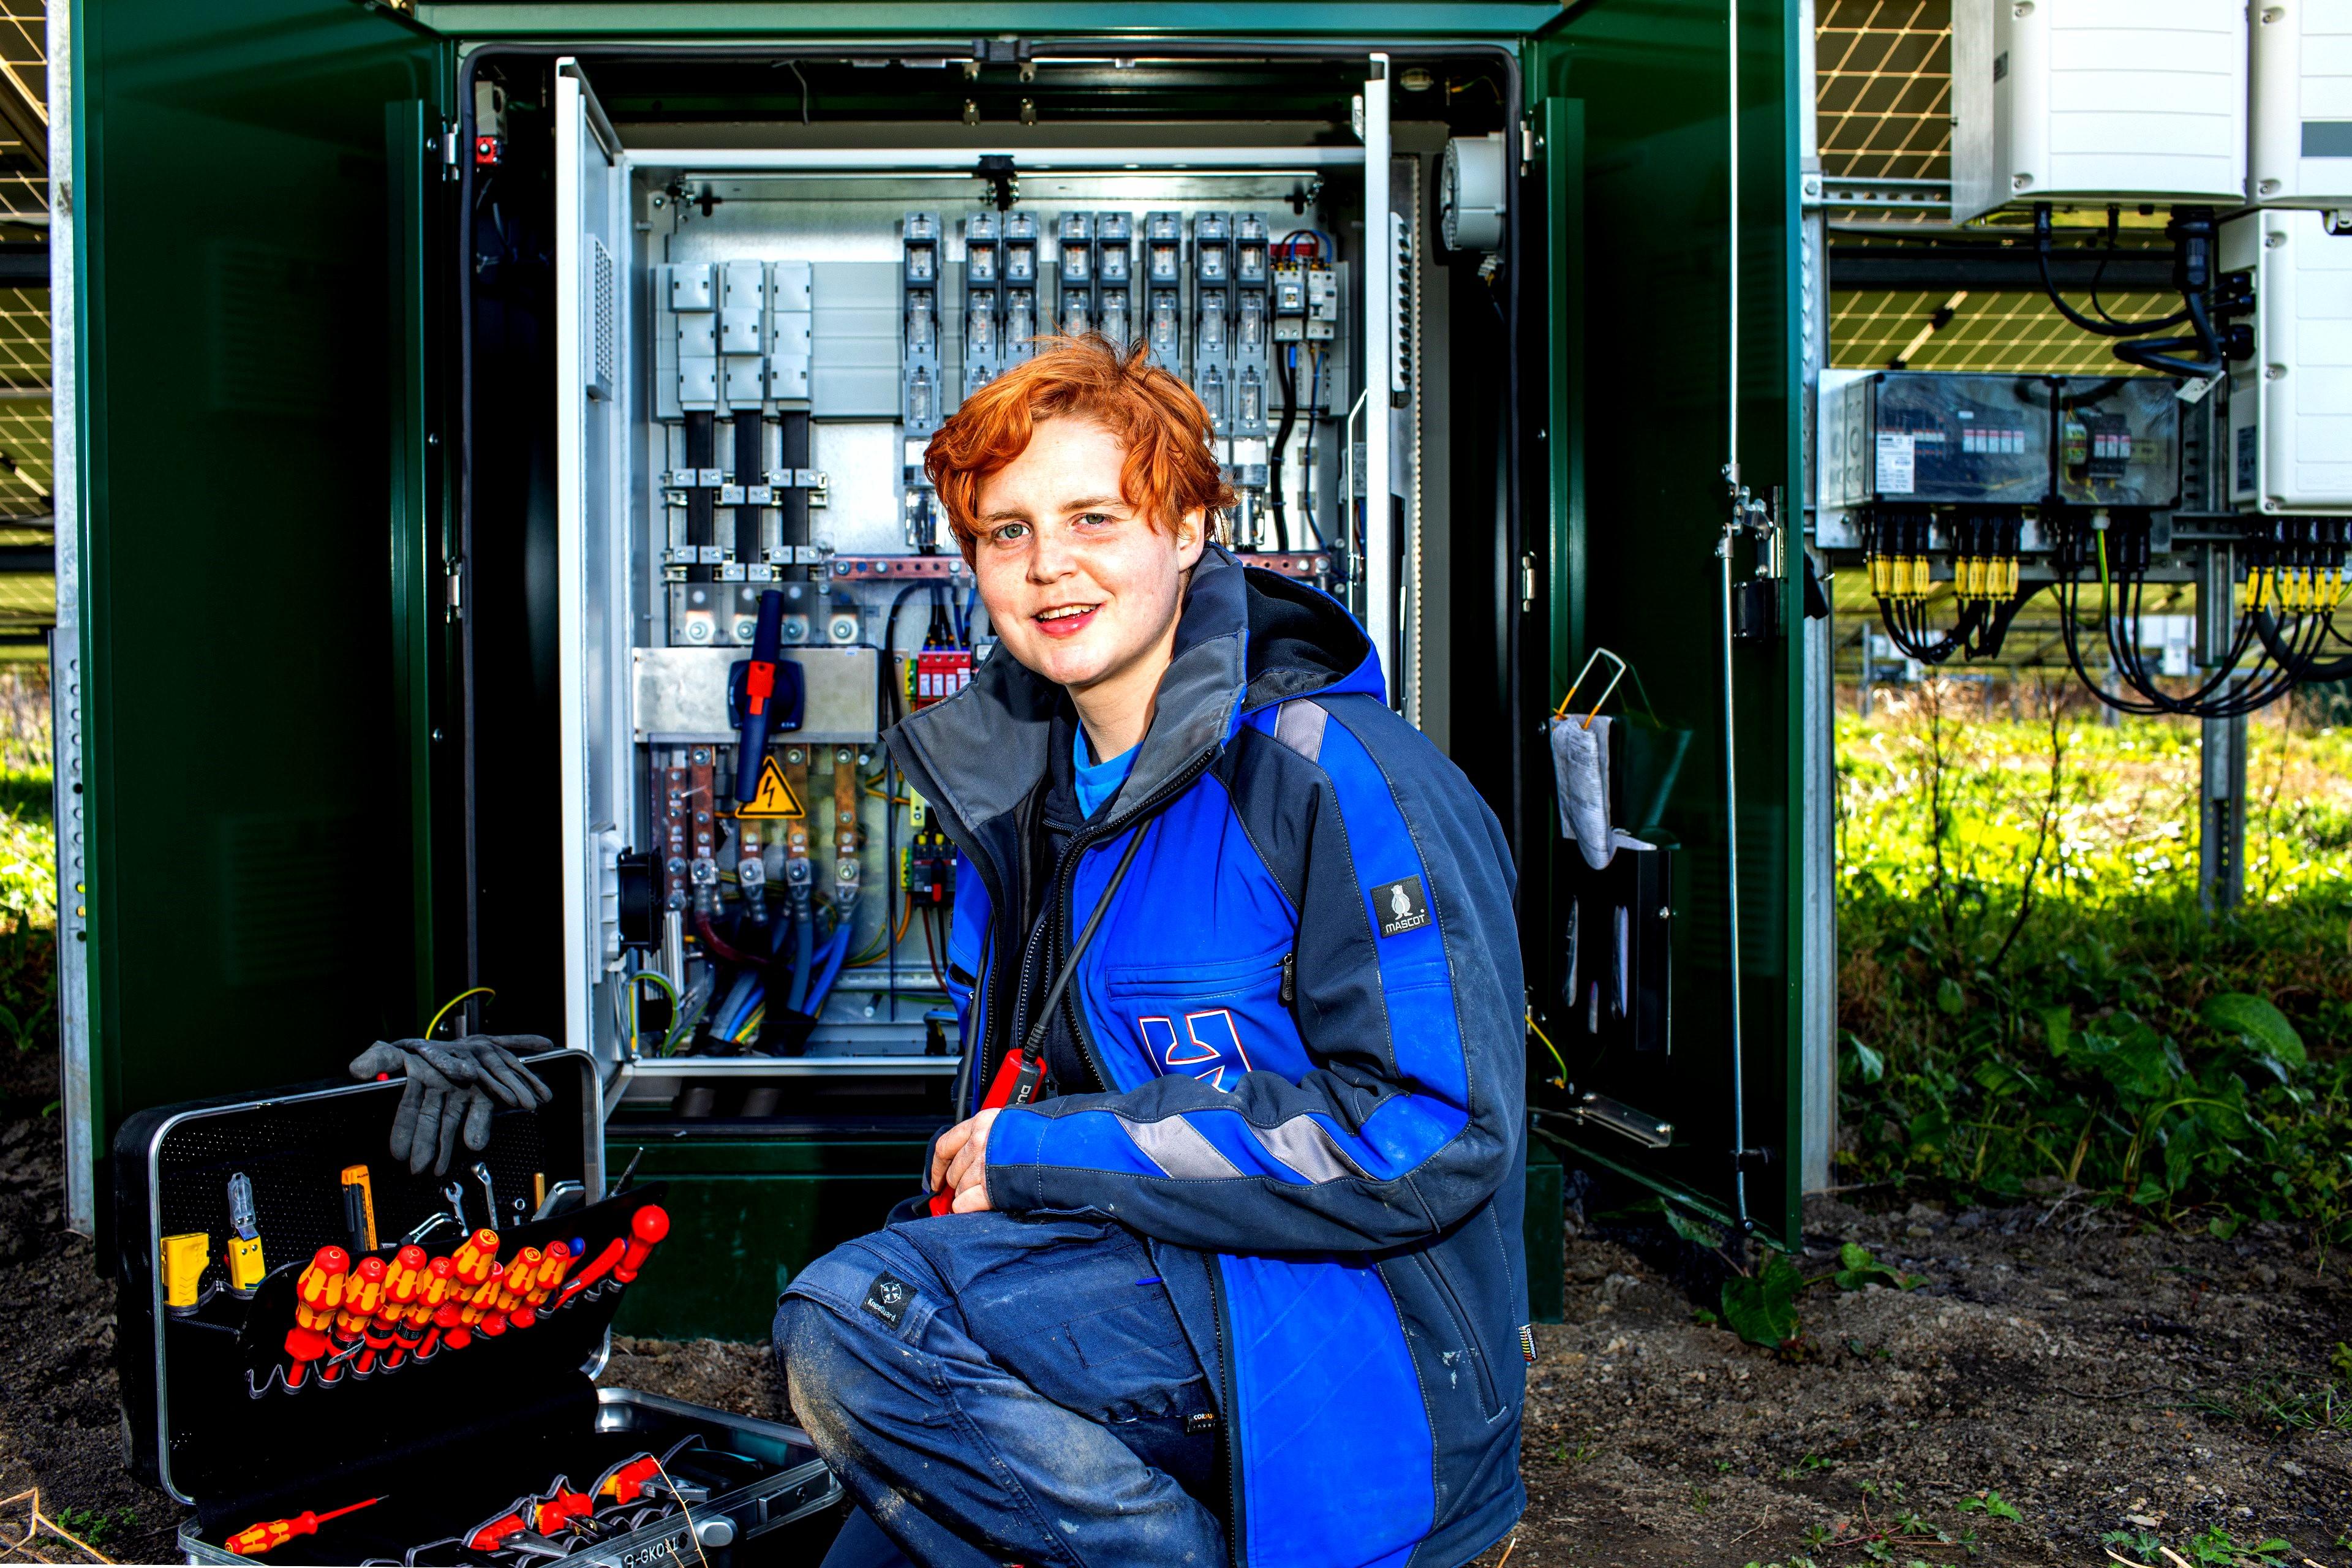 Nieuwsbrief Gemeente Utrecht - Michelle Udo - © Maartje ter Horst-1.jpg  (Gemiddeld)